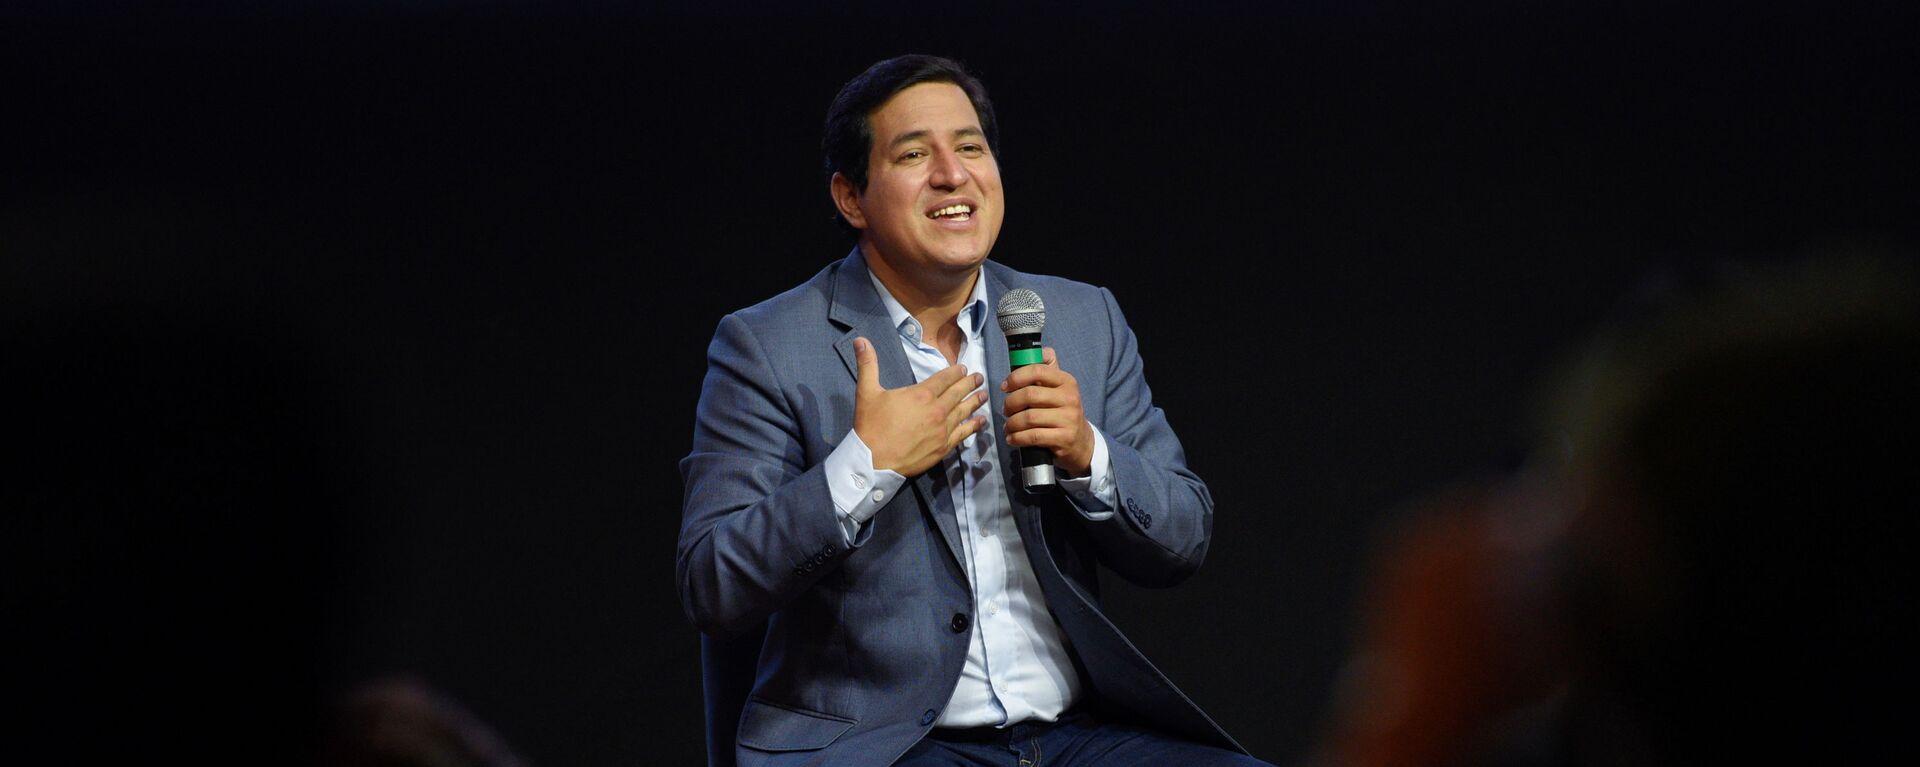 Andrés Arauz, candidato presidencial de la coalición Unión por la Esperanza (UNES) en Ecuador - Sputnik Mundo, 1920, 09.02.2021